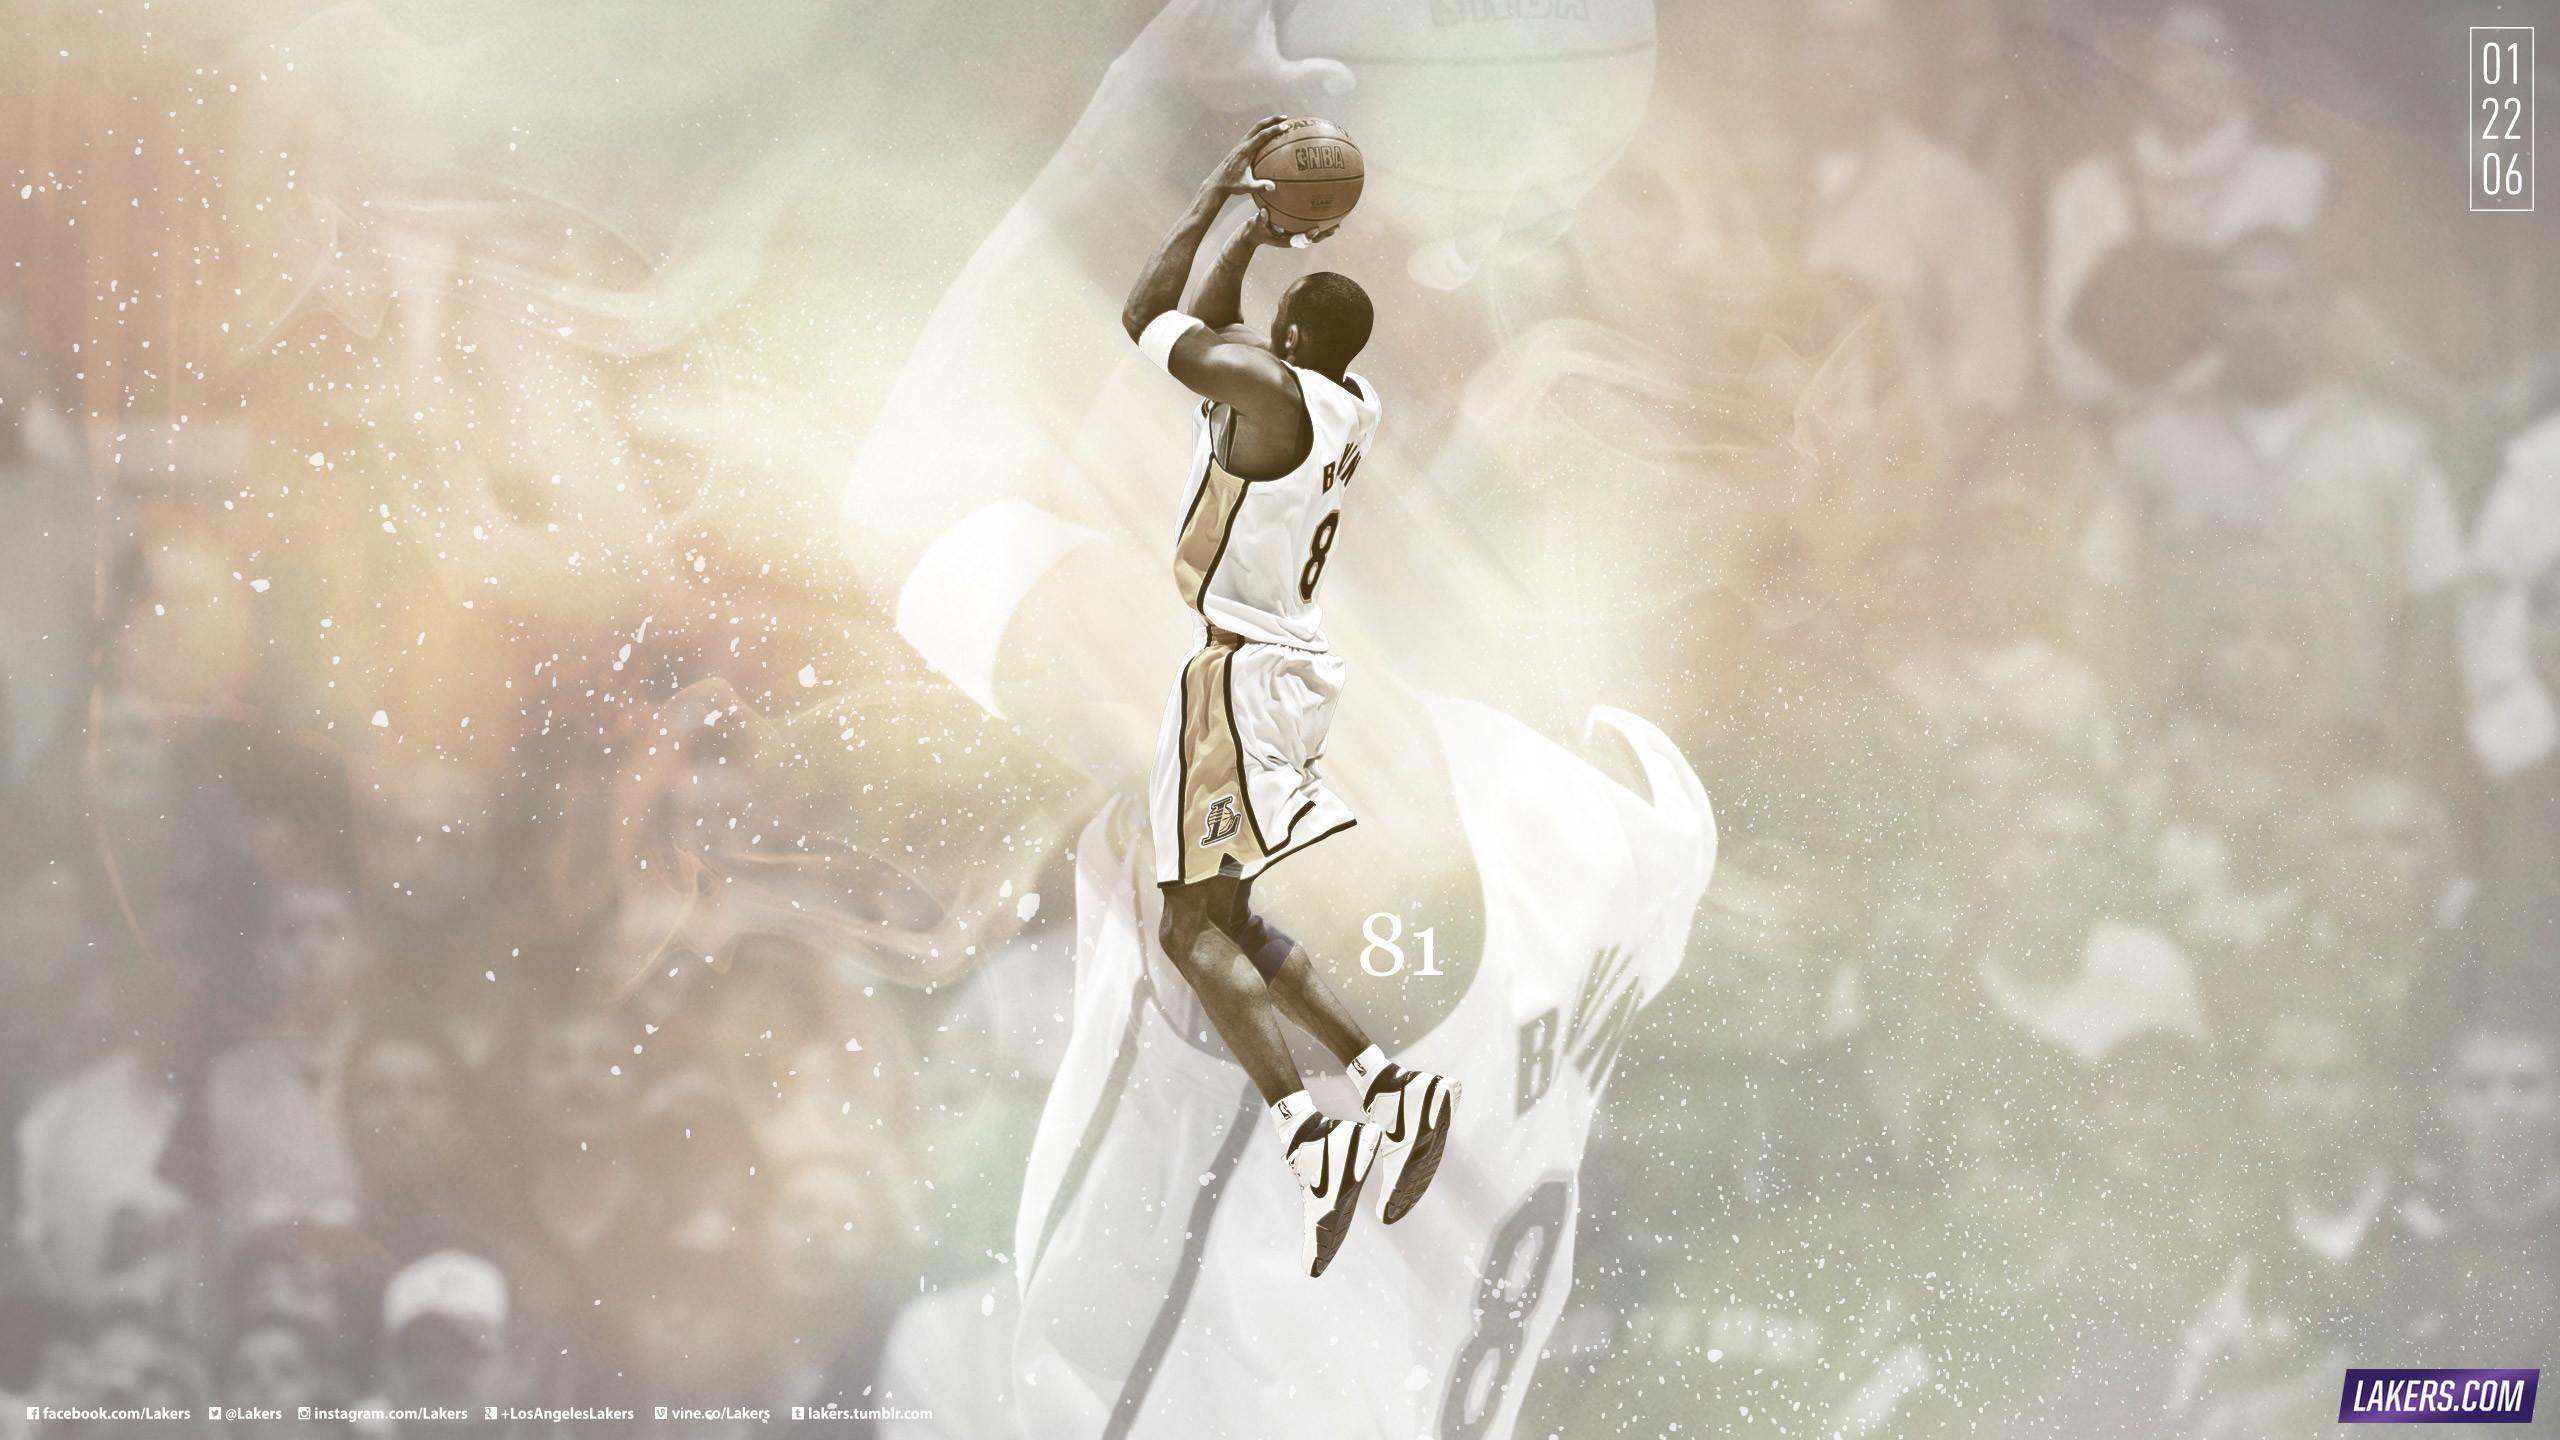 Kobe Bryant Passes Michael Jordan · 81: Nine Years Later